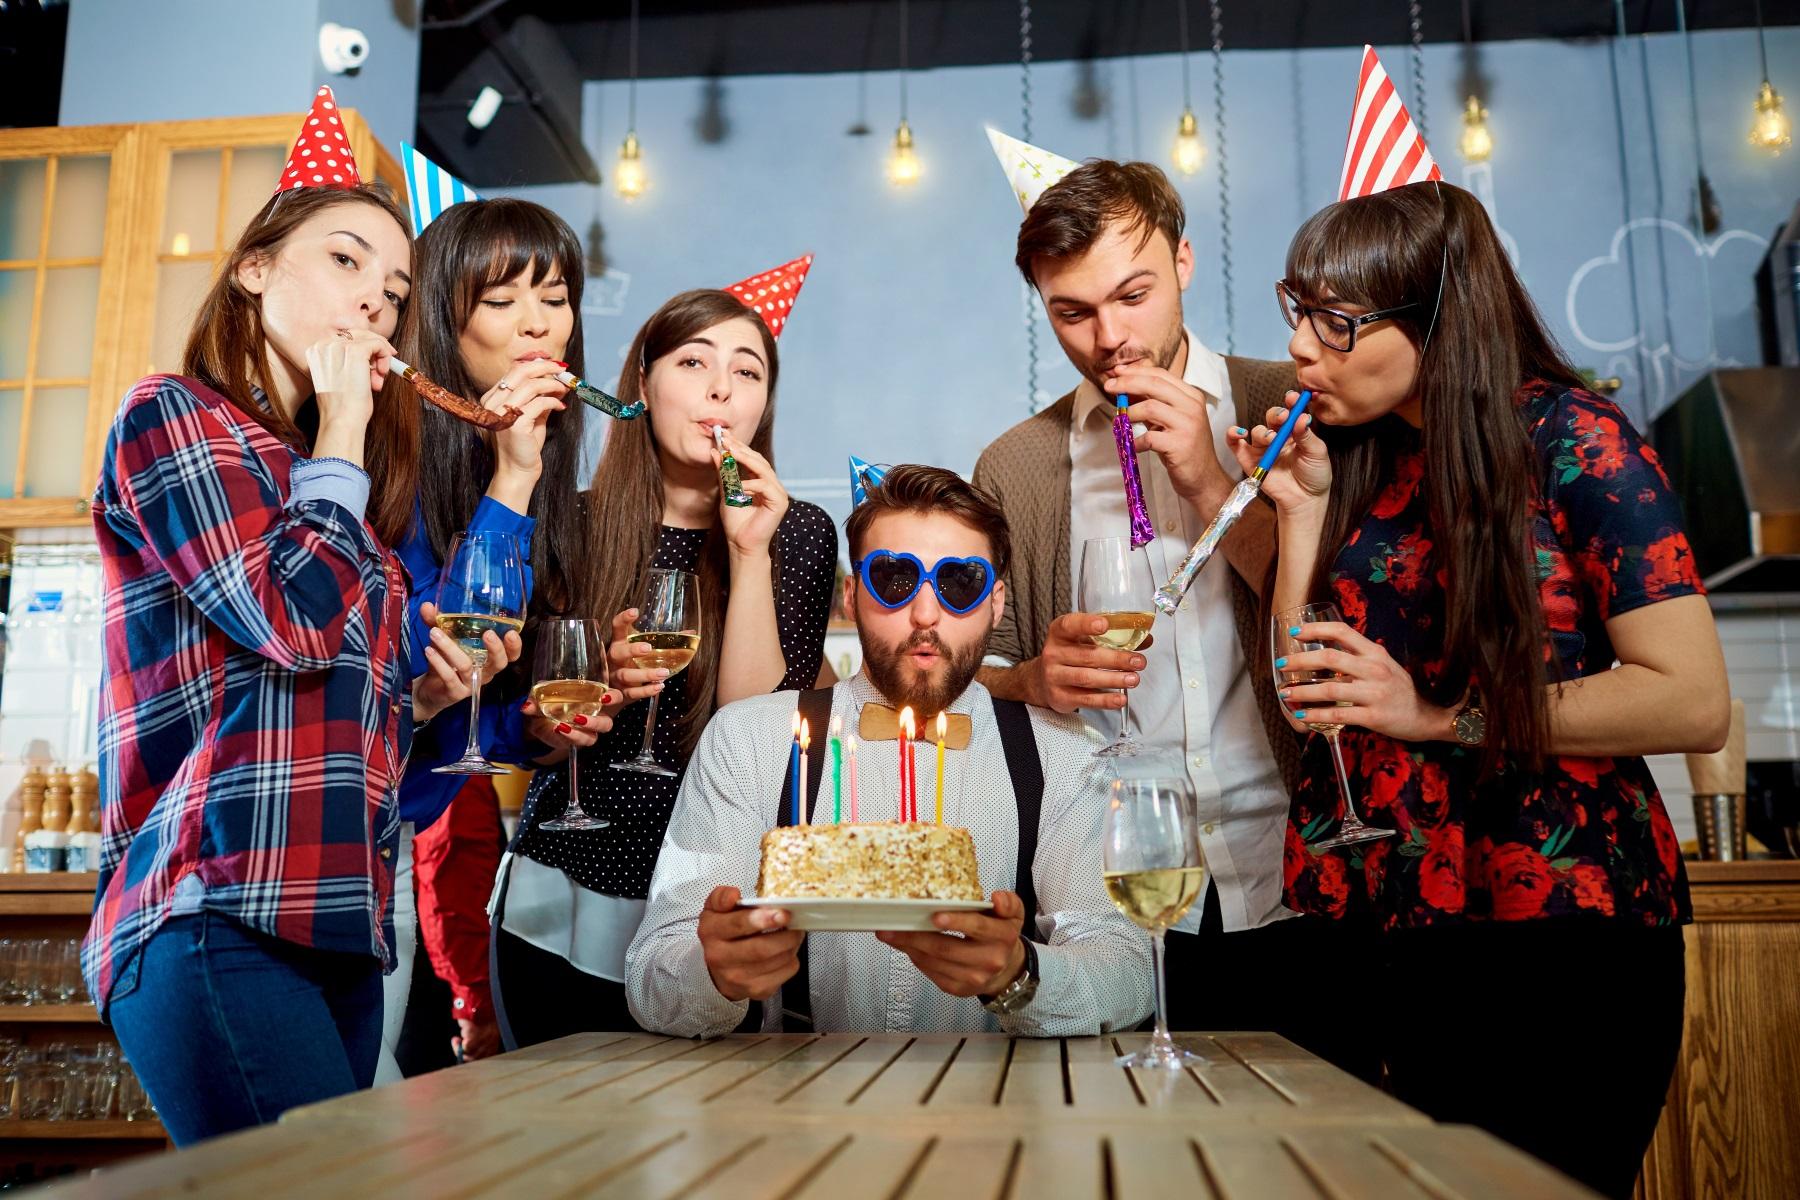 день рождения необычно для взрослых